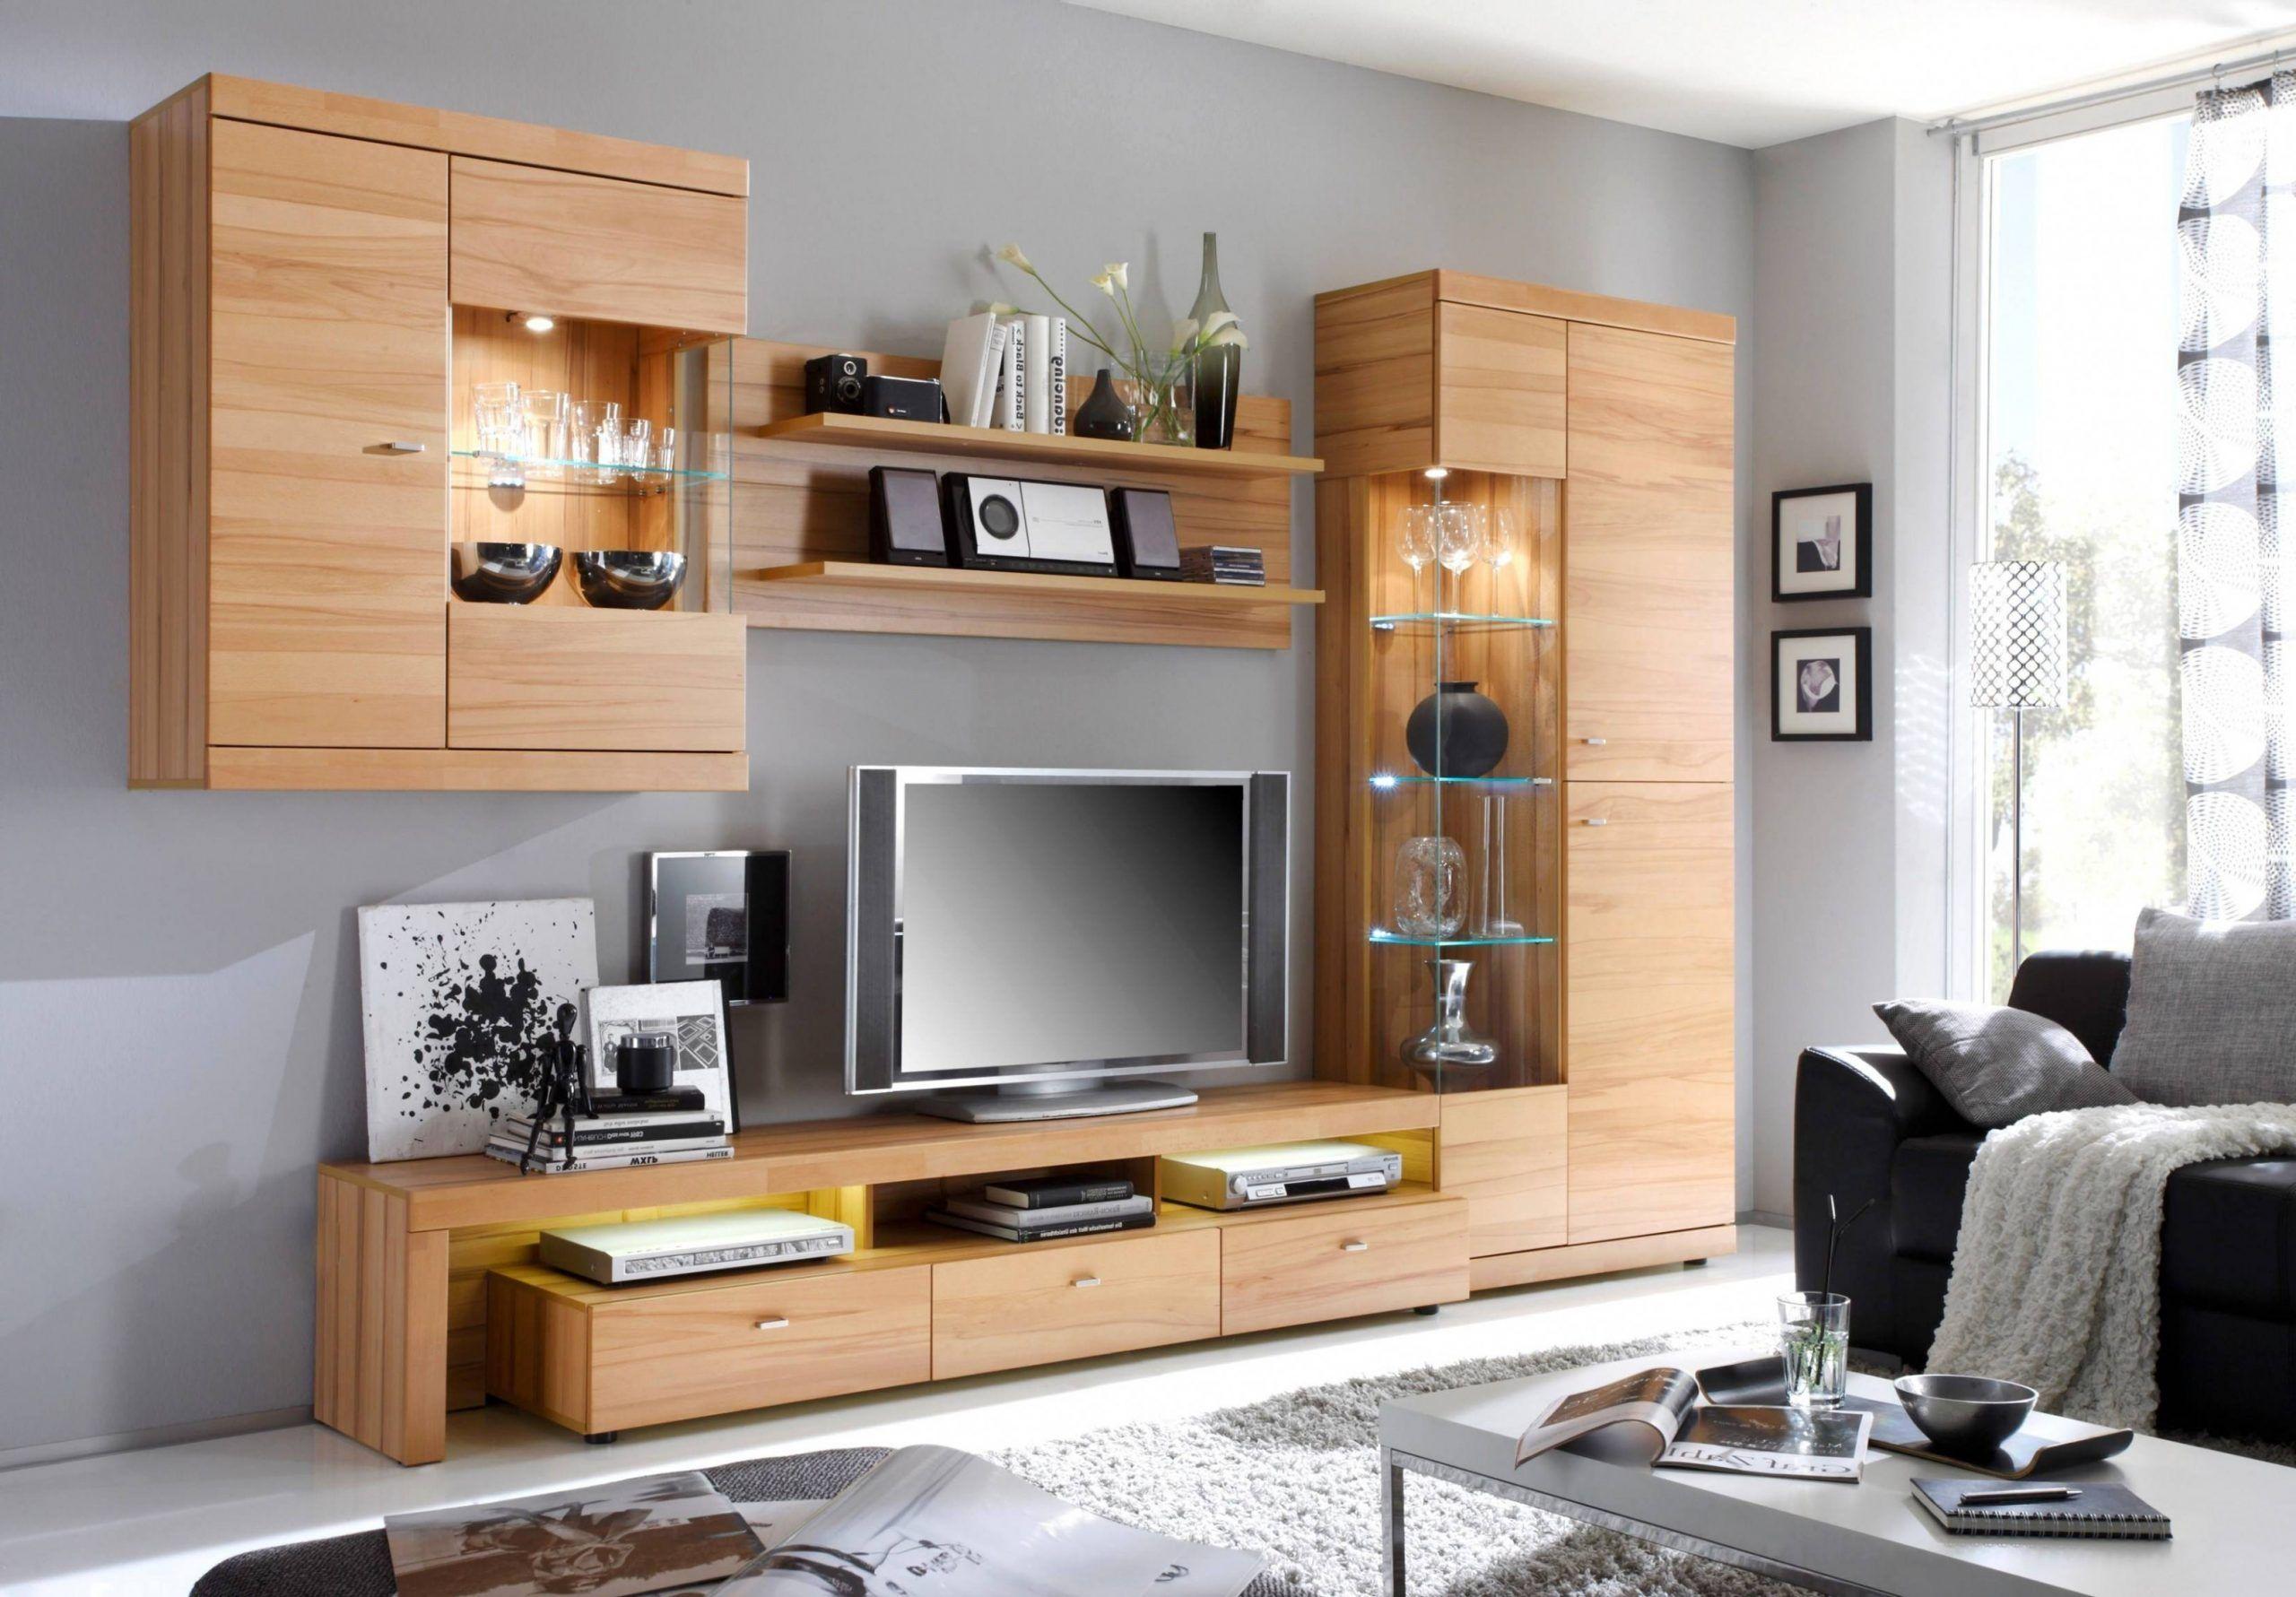 8 Wohnzimmerschrank Ohne Television Fach  Wohnzimmerschränke